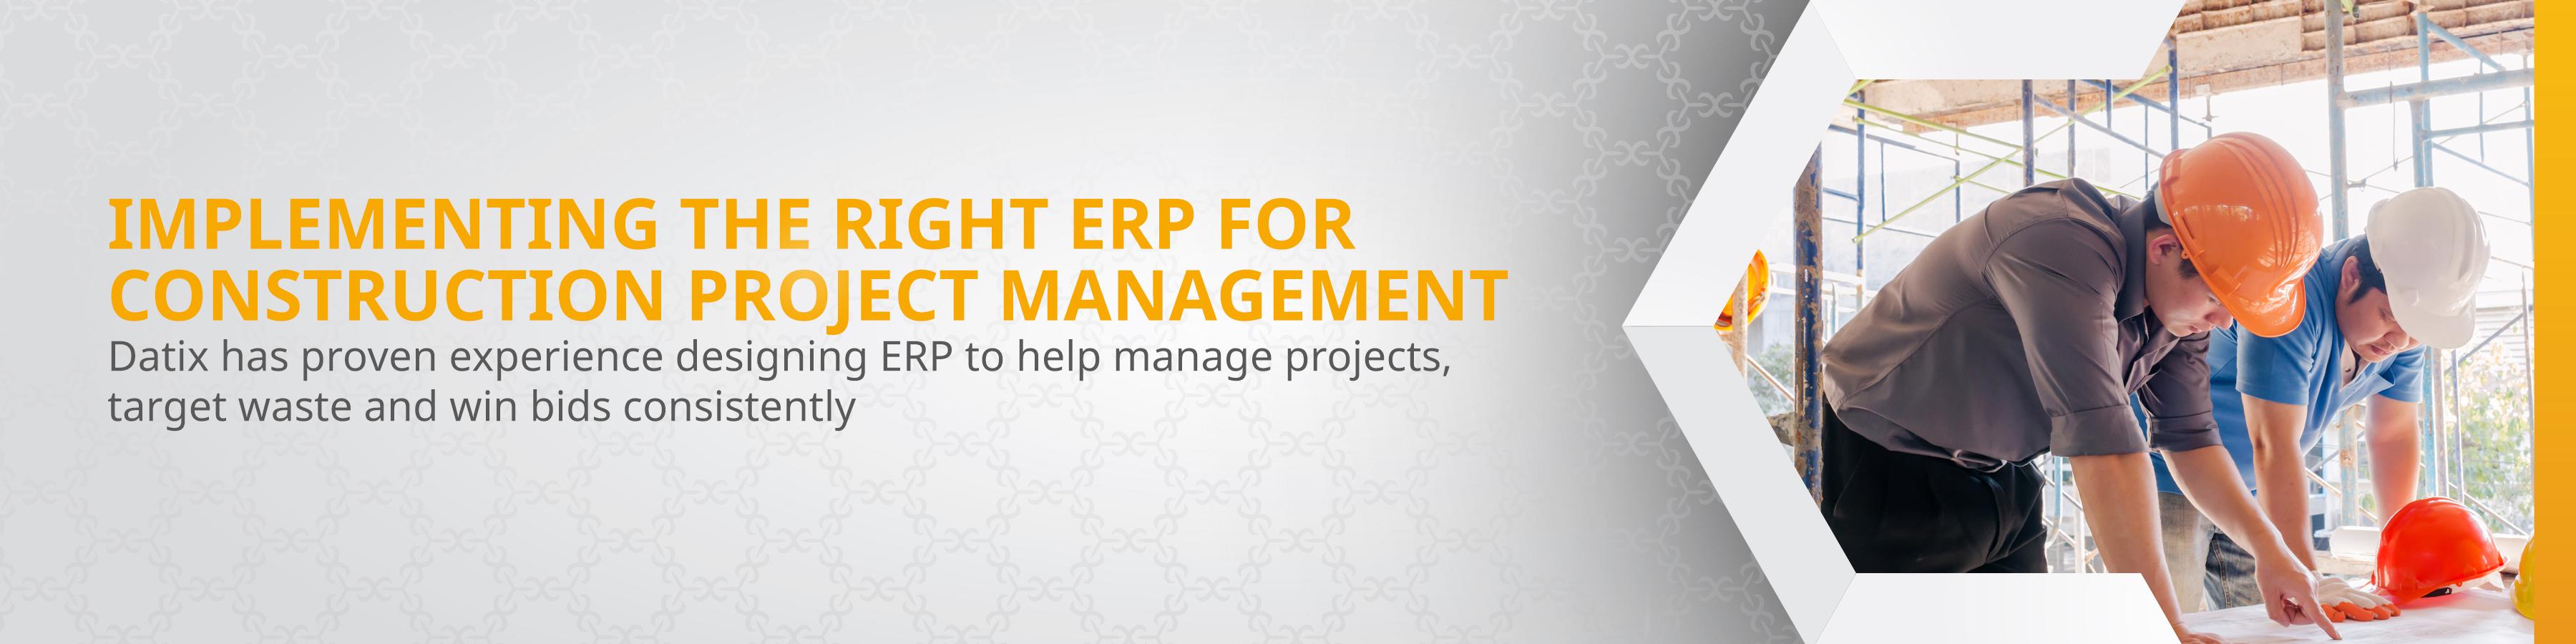 Construction Project Management ERP